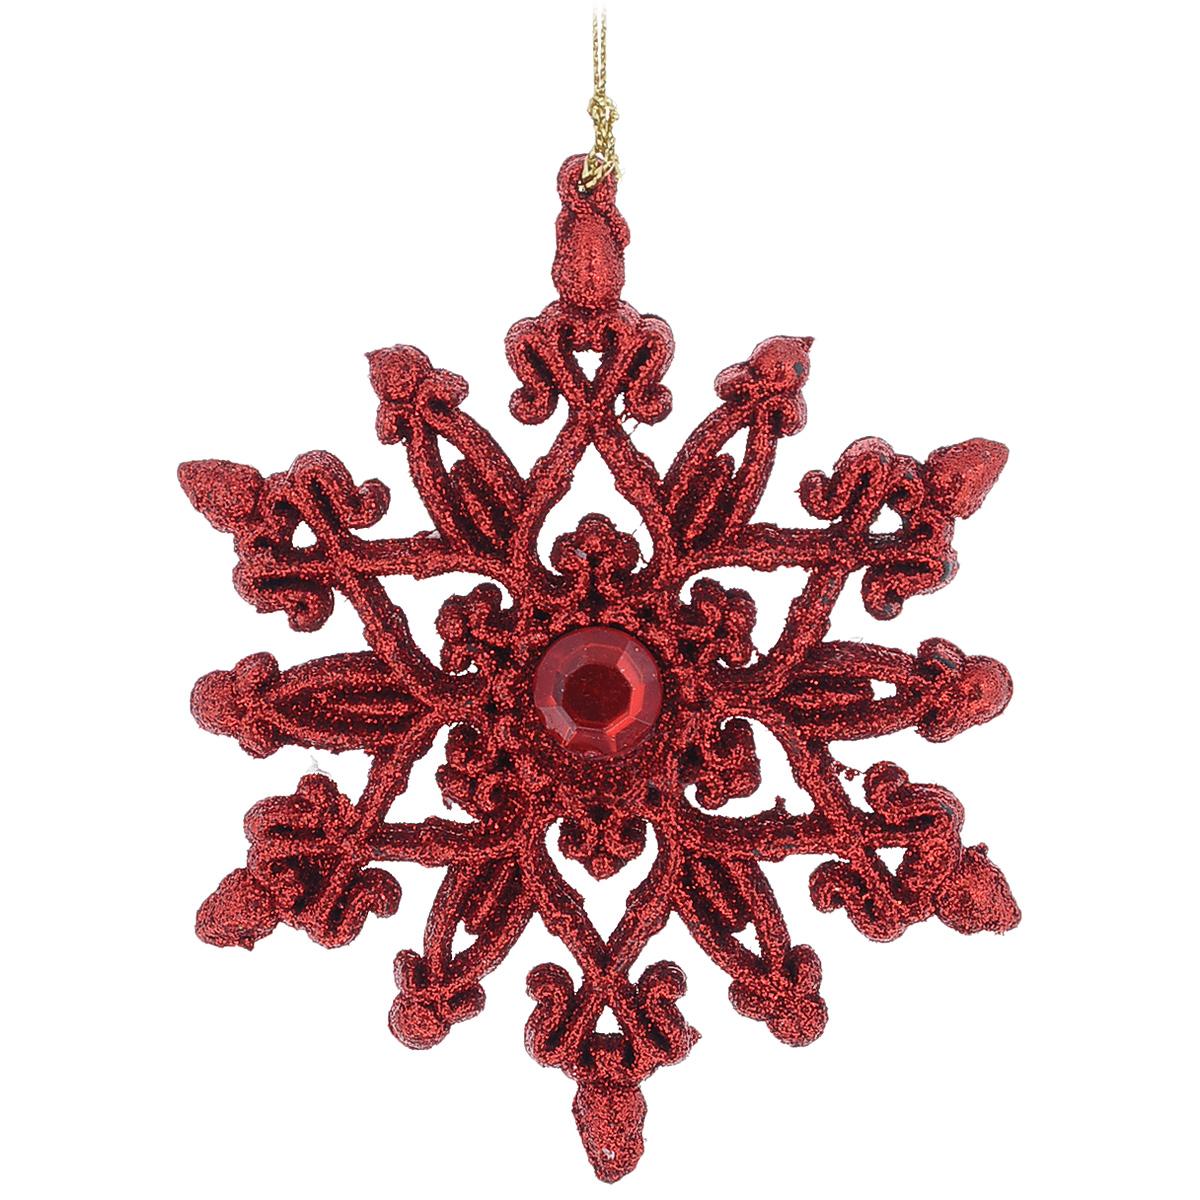 Новогоднее подвесное украшение Снежинка, цвет: красный, 10 см х 11 см27009Оригинальное новогоднее украшение из пластика прекрасно подойдет для праздничного декора дома и новогодней ели. Изделие крепится на елку с помощью металлического зажима.